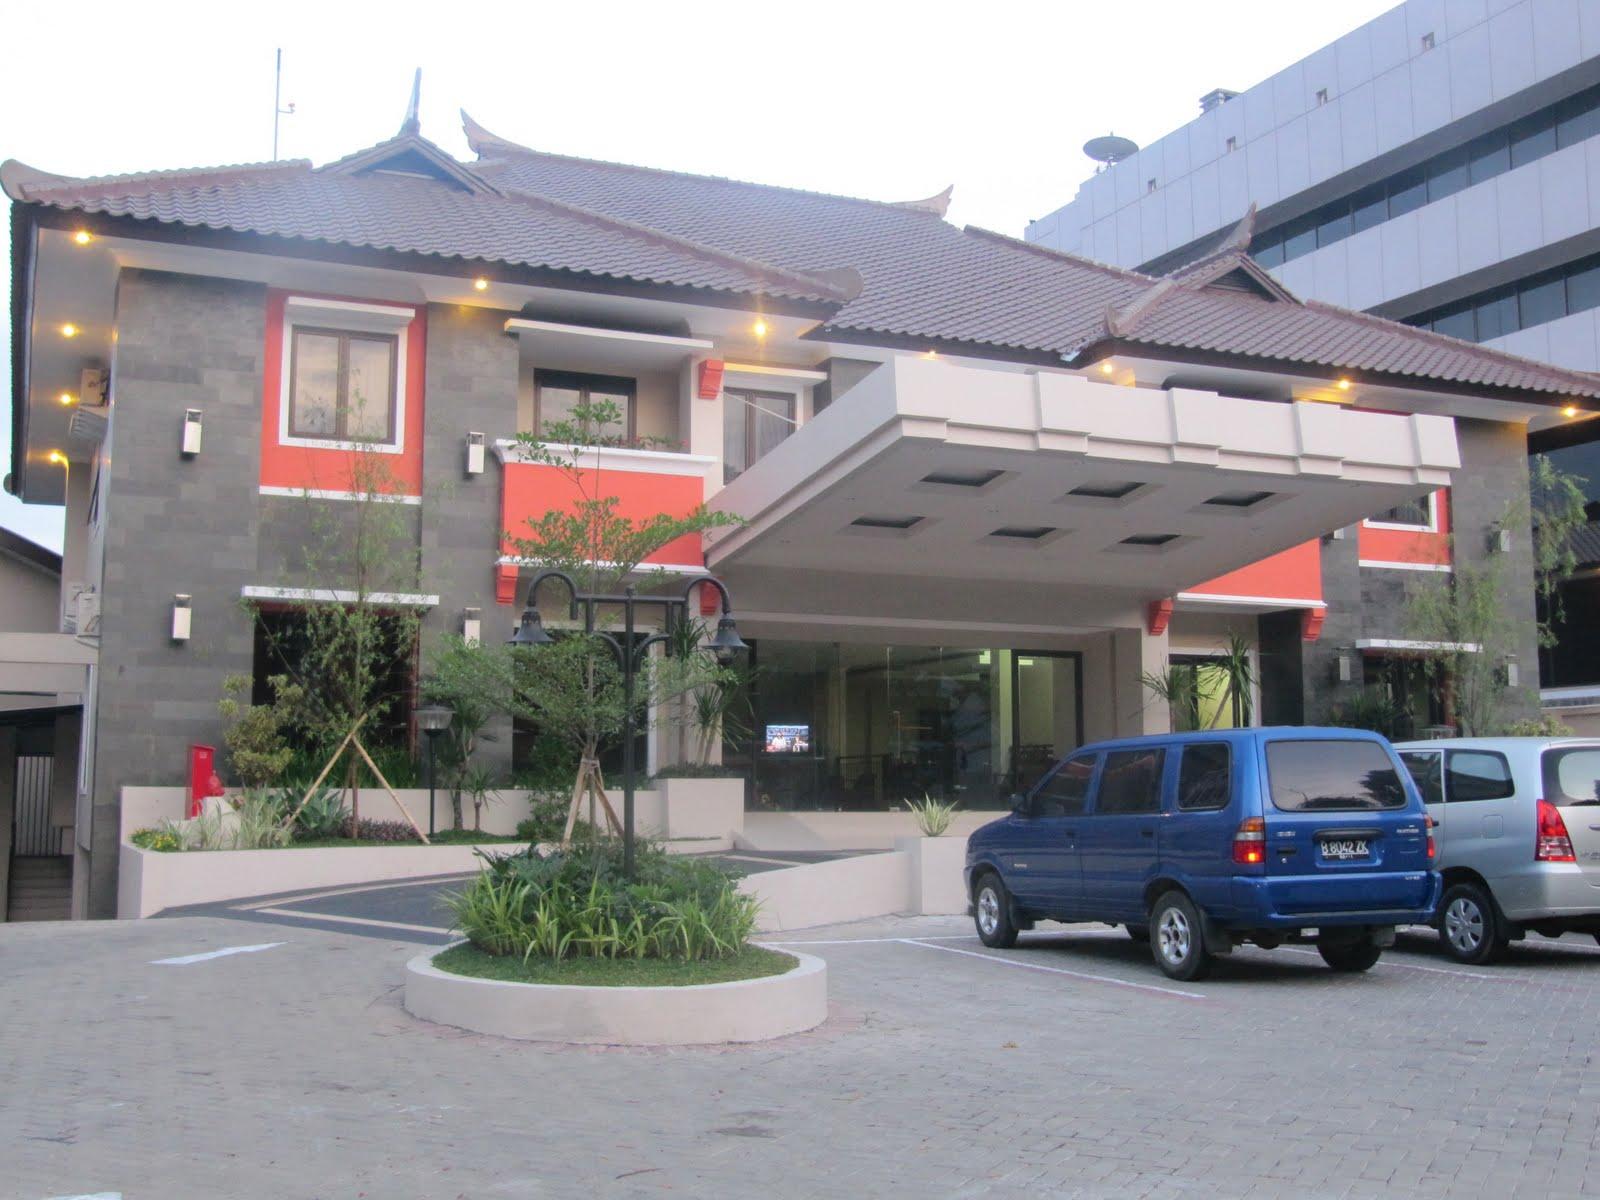 Bandung+mei+2010+063.jpg